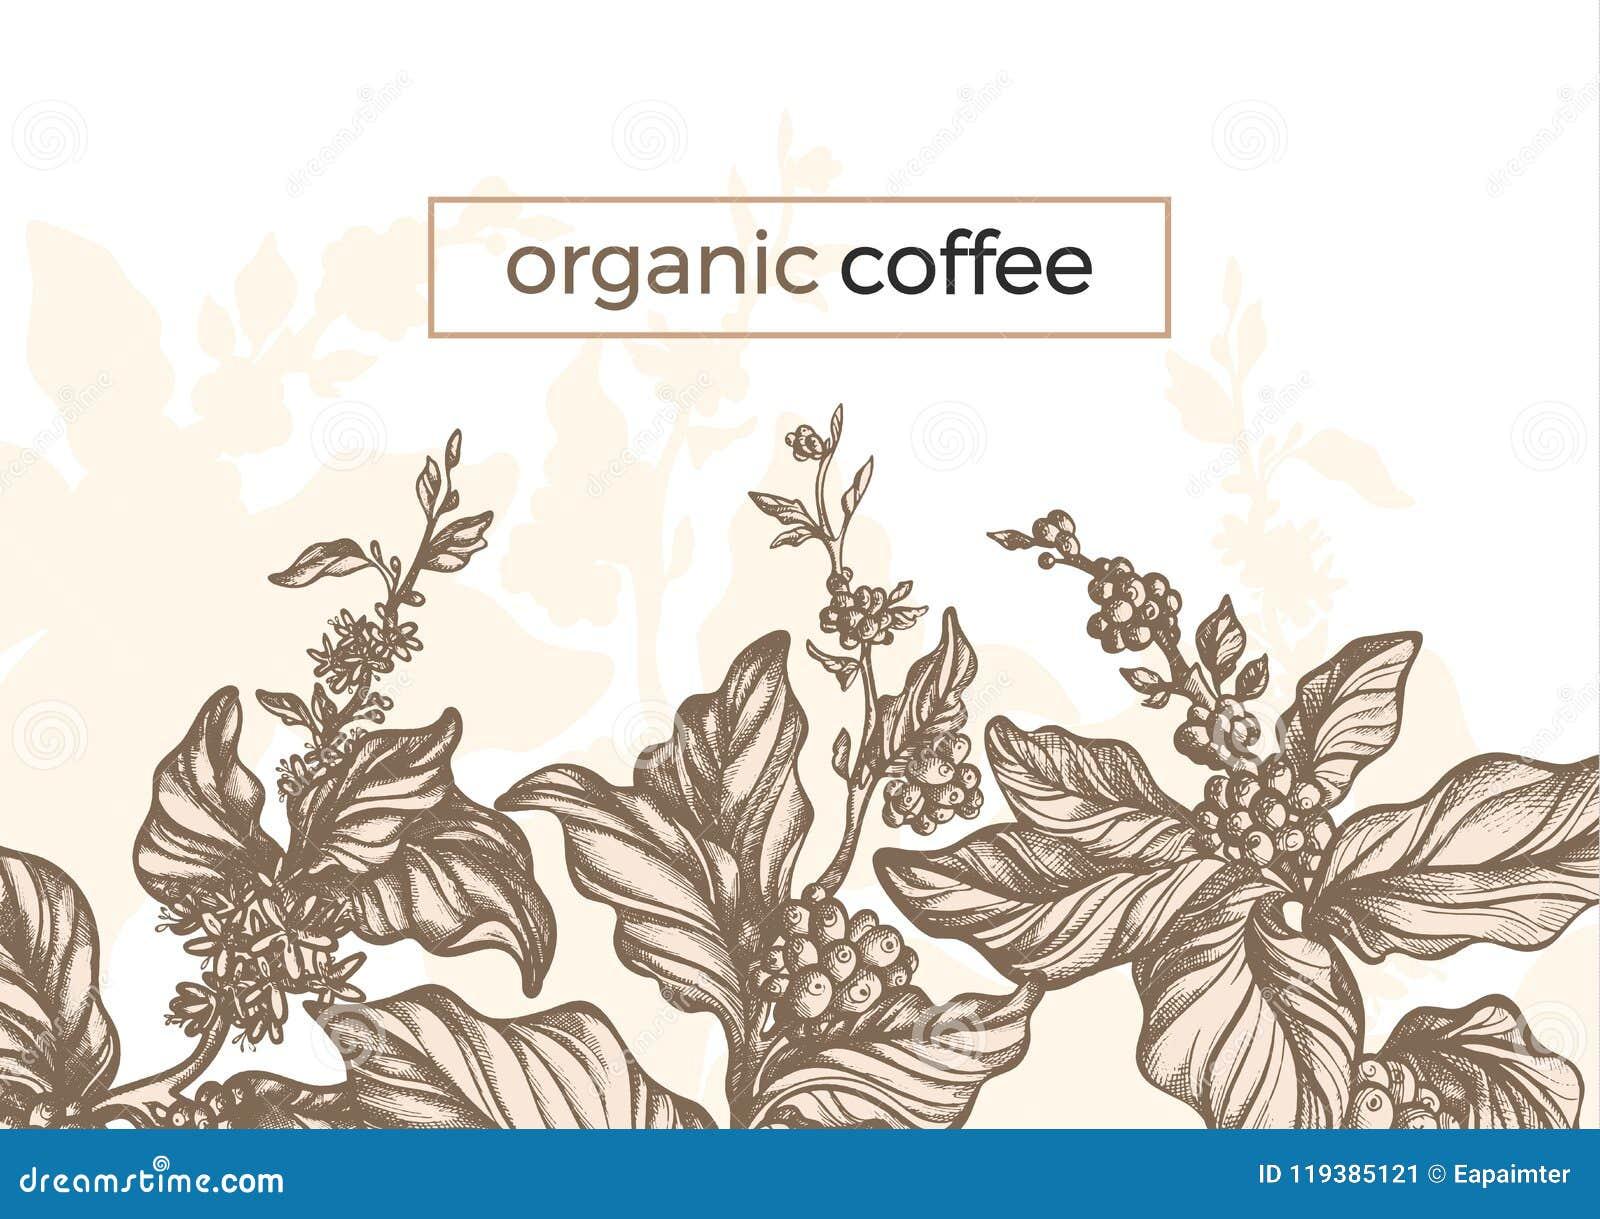 Διανυσματικός γραφικός κλάδος δέντρων καφέ, φύλλο, φασόλι Τρύγος